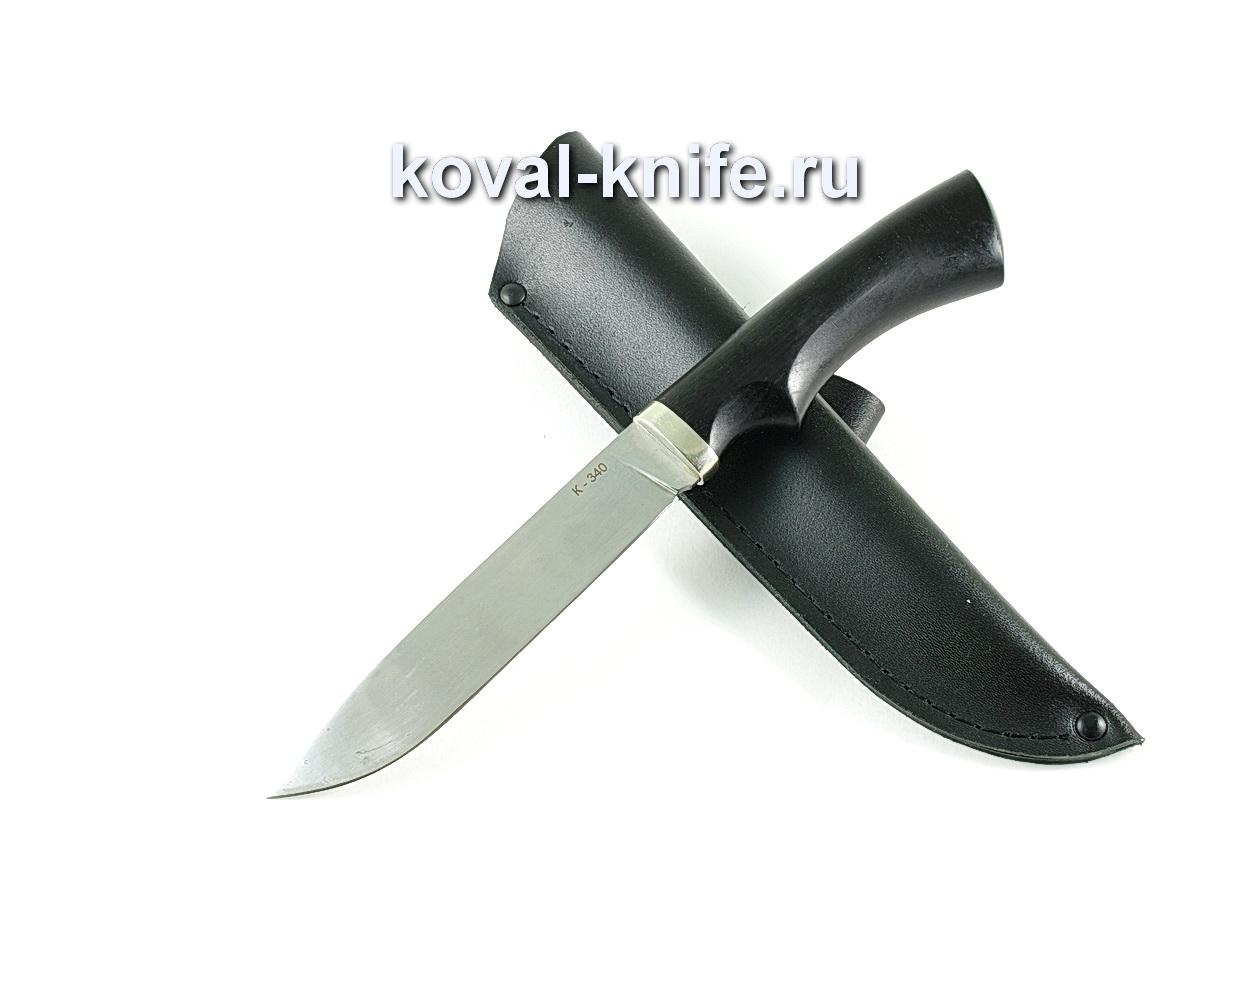 Нож Турист (сталь K-340), рукоять граб, литье